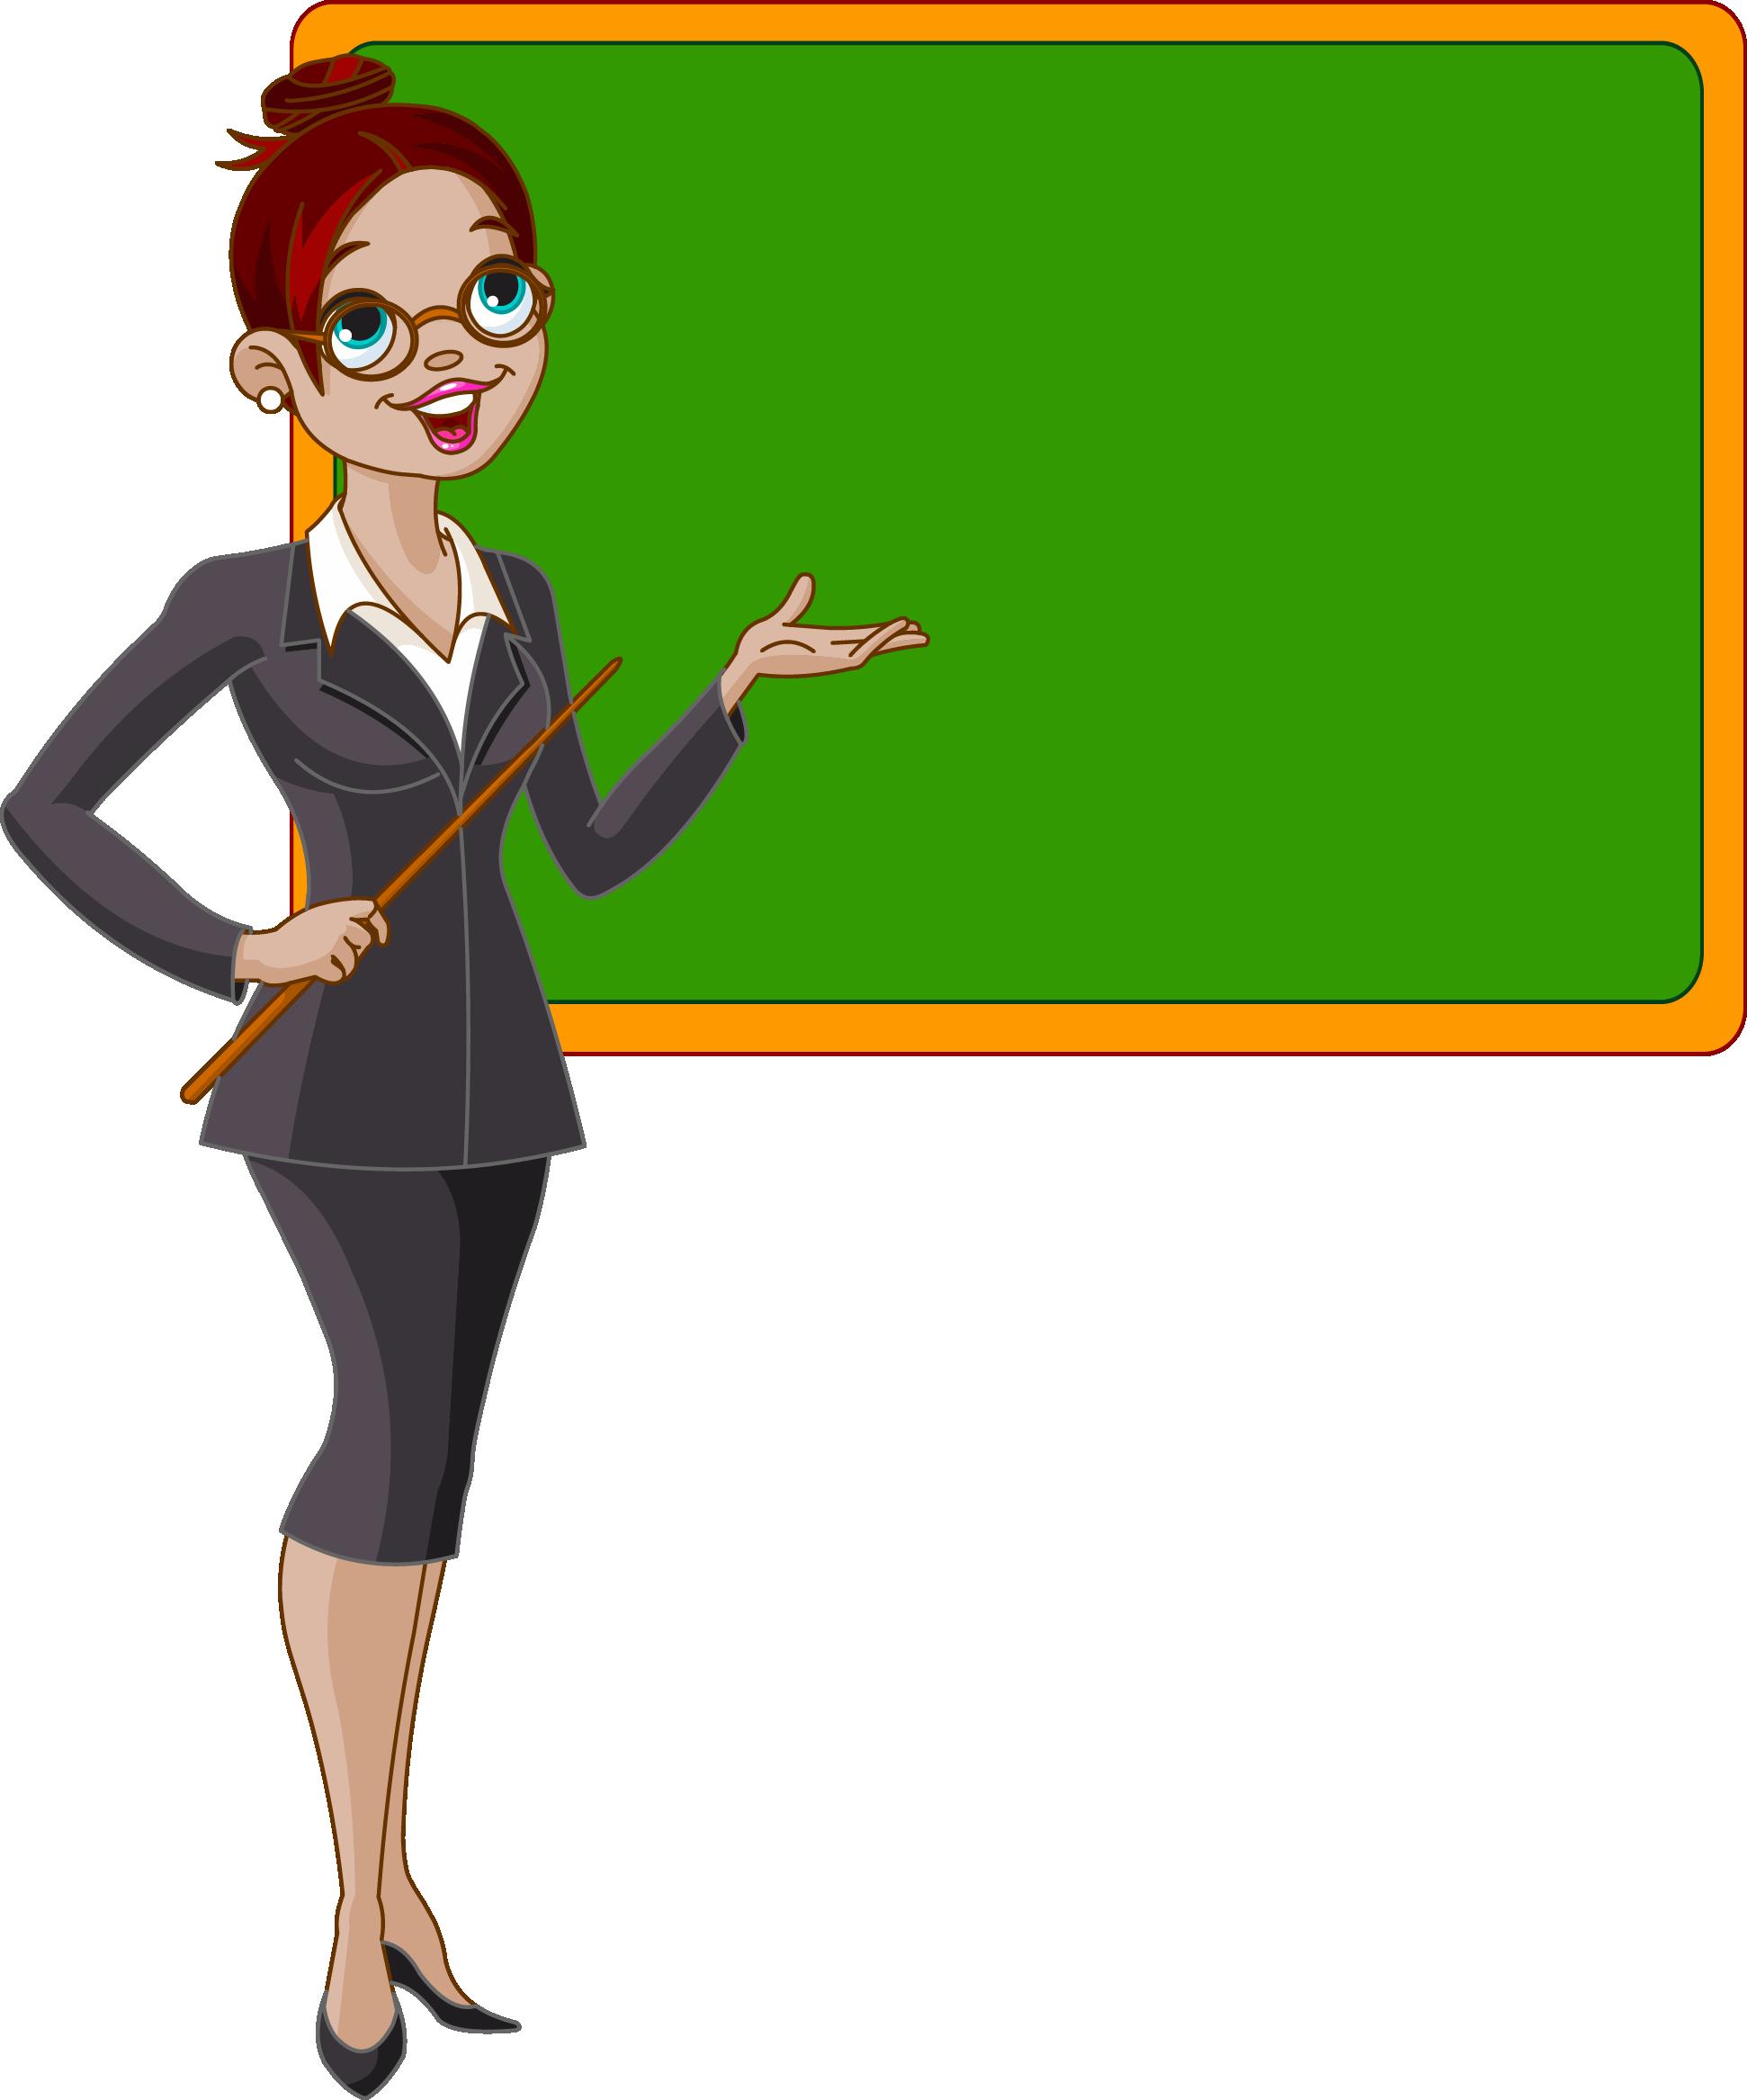 Картинки анимация школа дети учителя для презентации, хорошему человеку